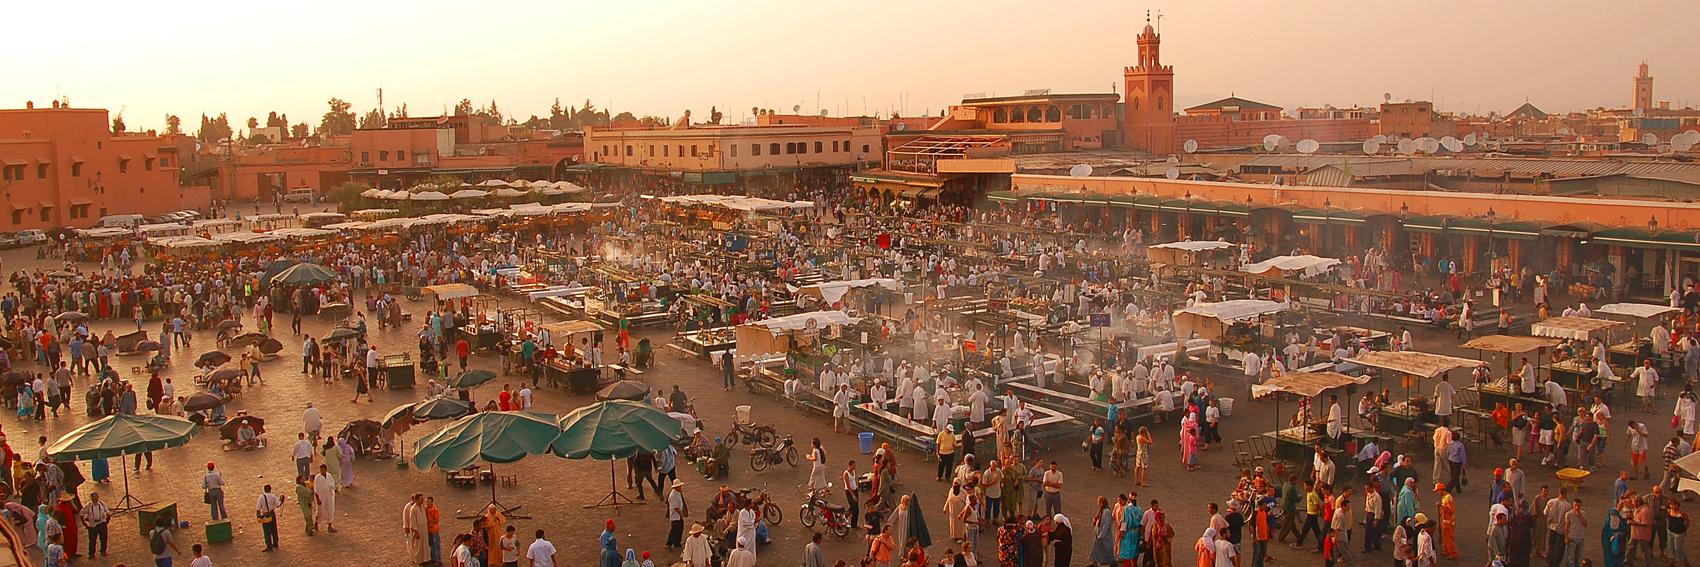 Marrakech Jamaa El Fna Famous Market